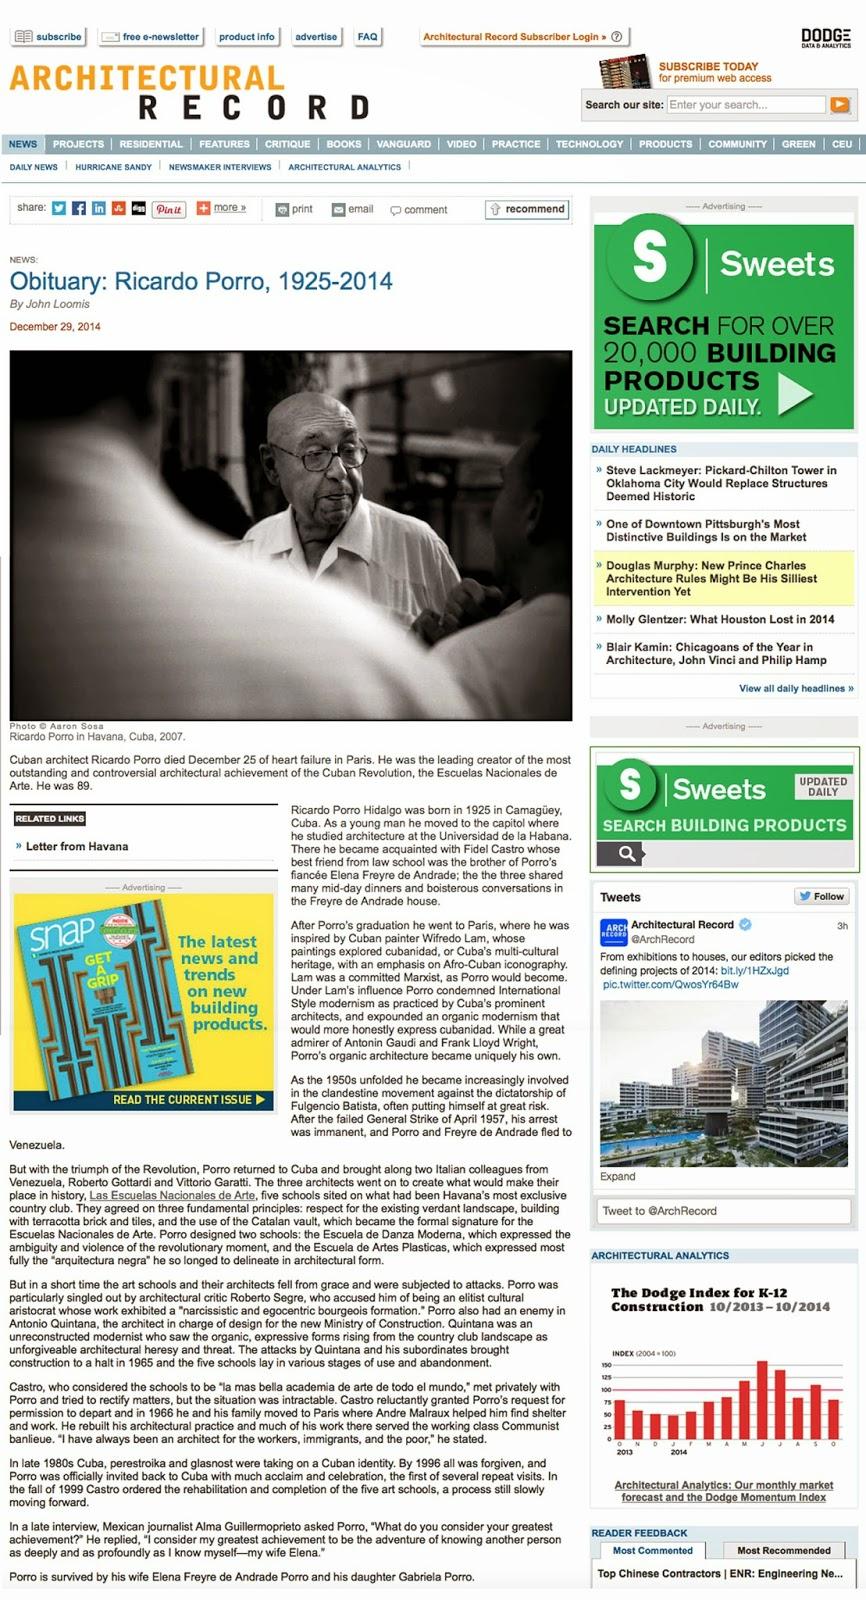 http://archrecord.construction.com/news/2014/12/141229-Obituary-Ricardo-Porro-1925-2014.asp